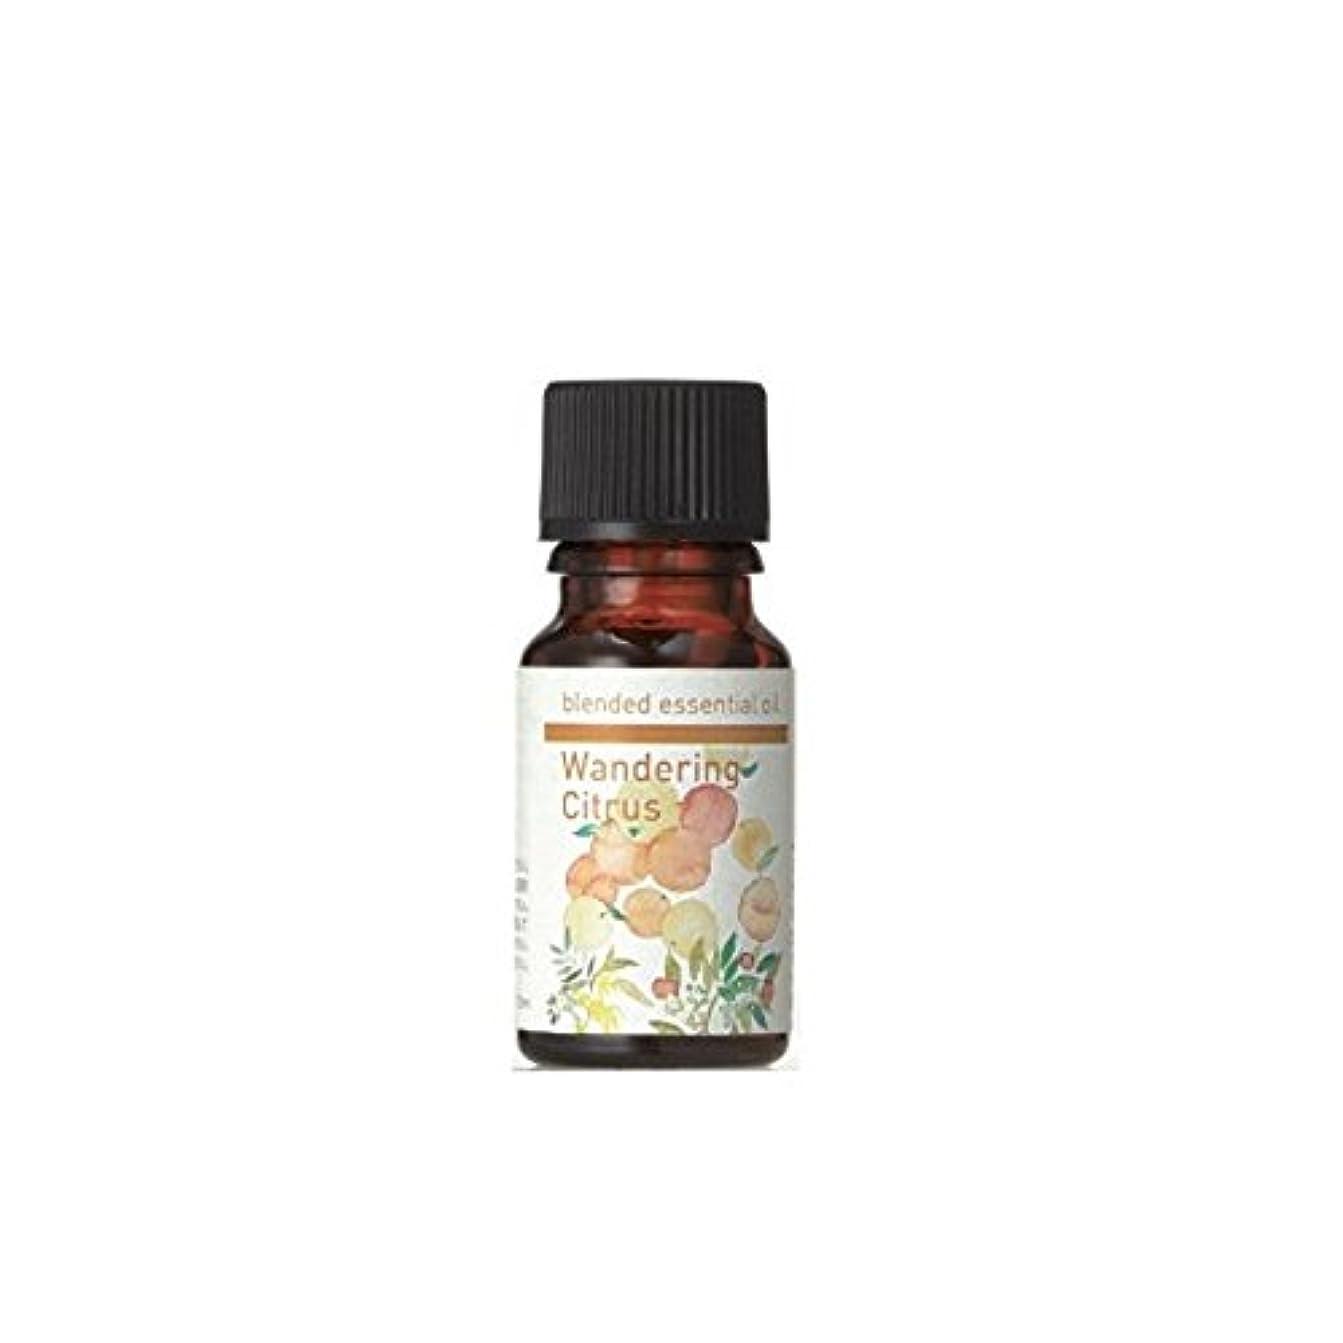 傷跡複雑な視線生活の木 ブレンドエッセンシャルオイル ワンダリングシトラス [30ml] エッセンシャルオイル/精油